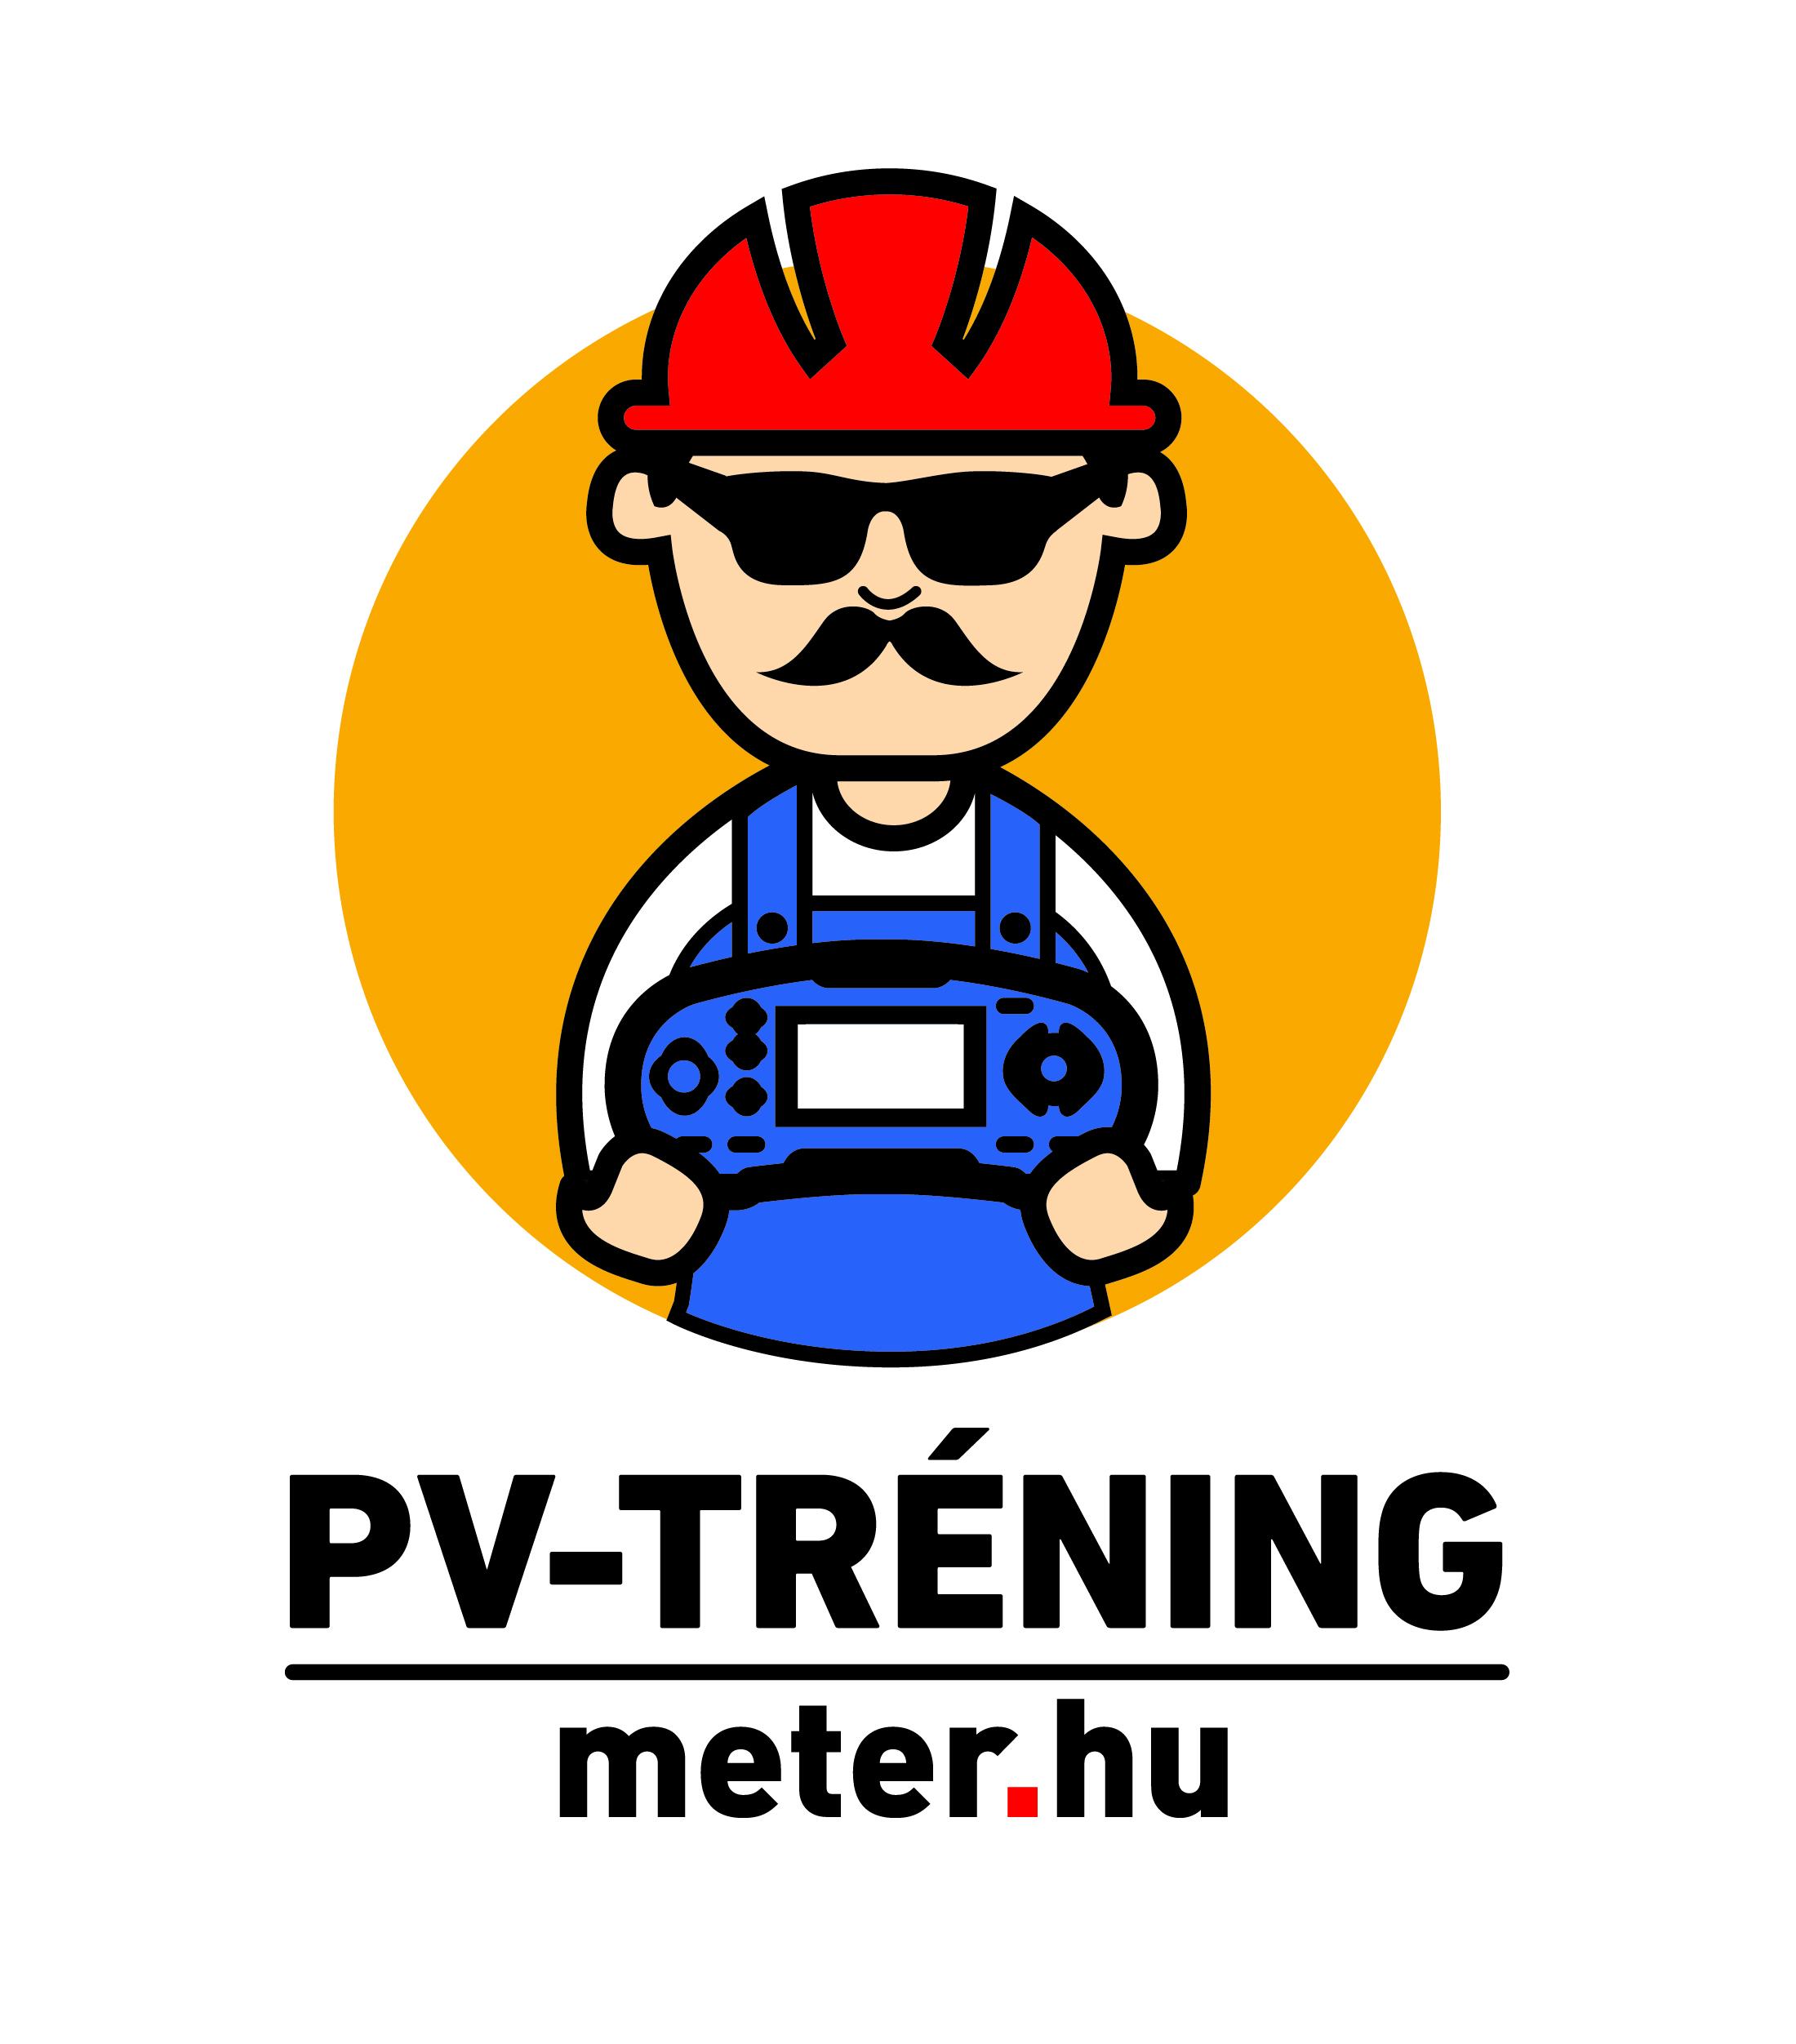 PV-tréning